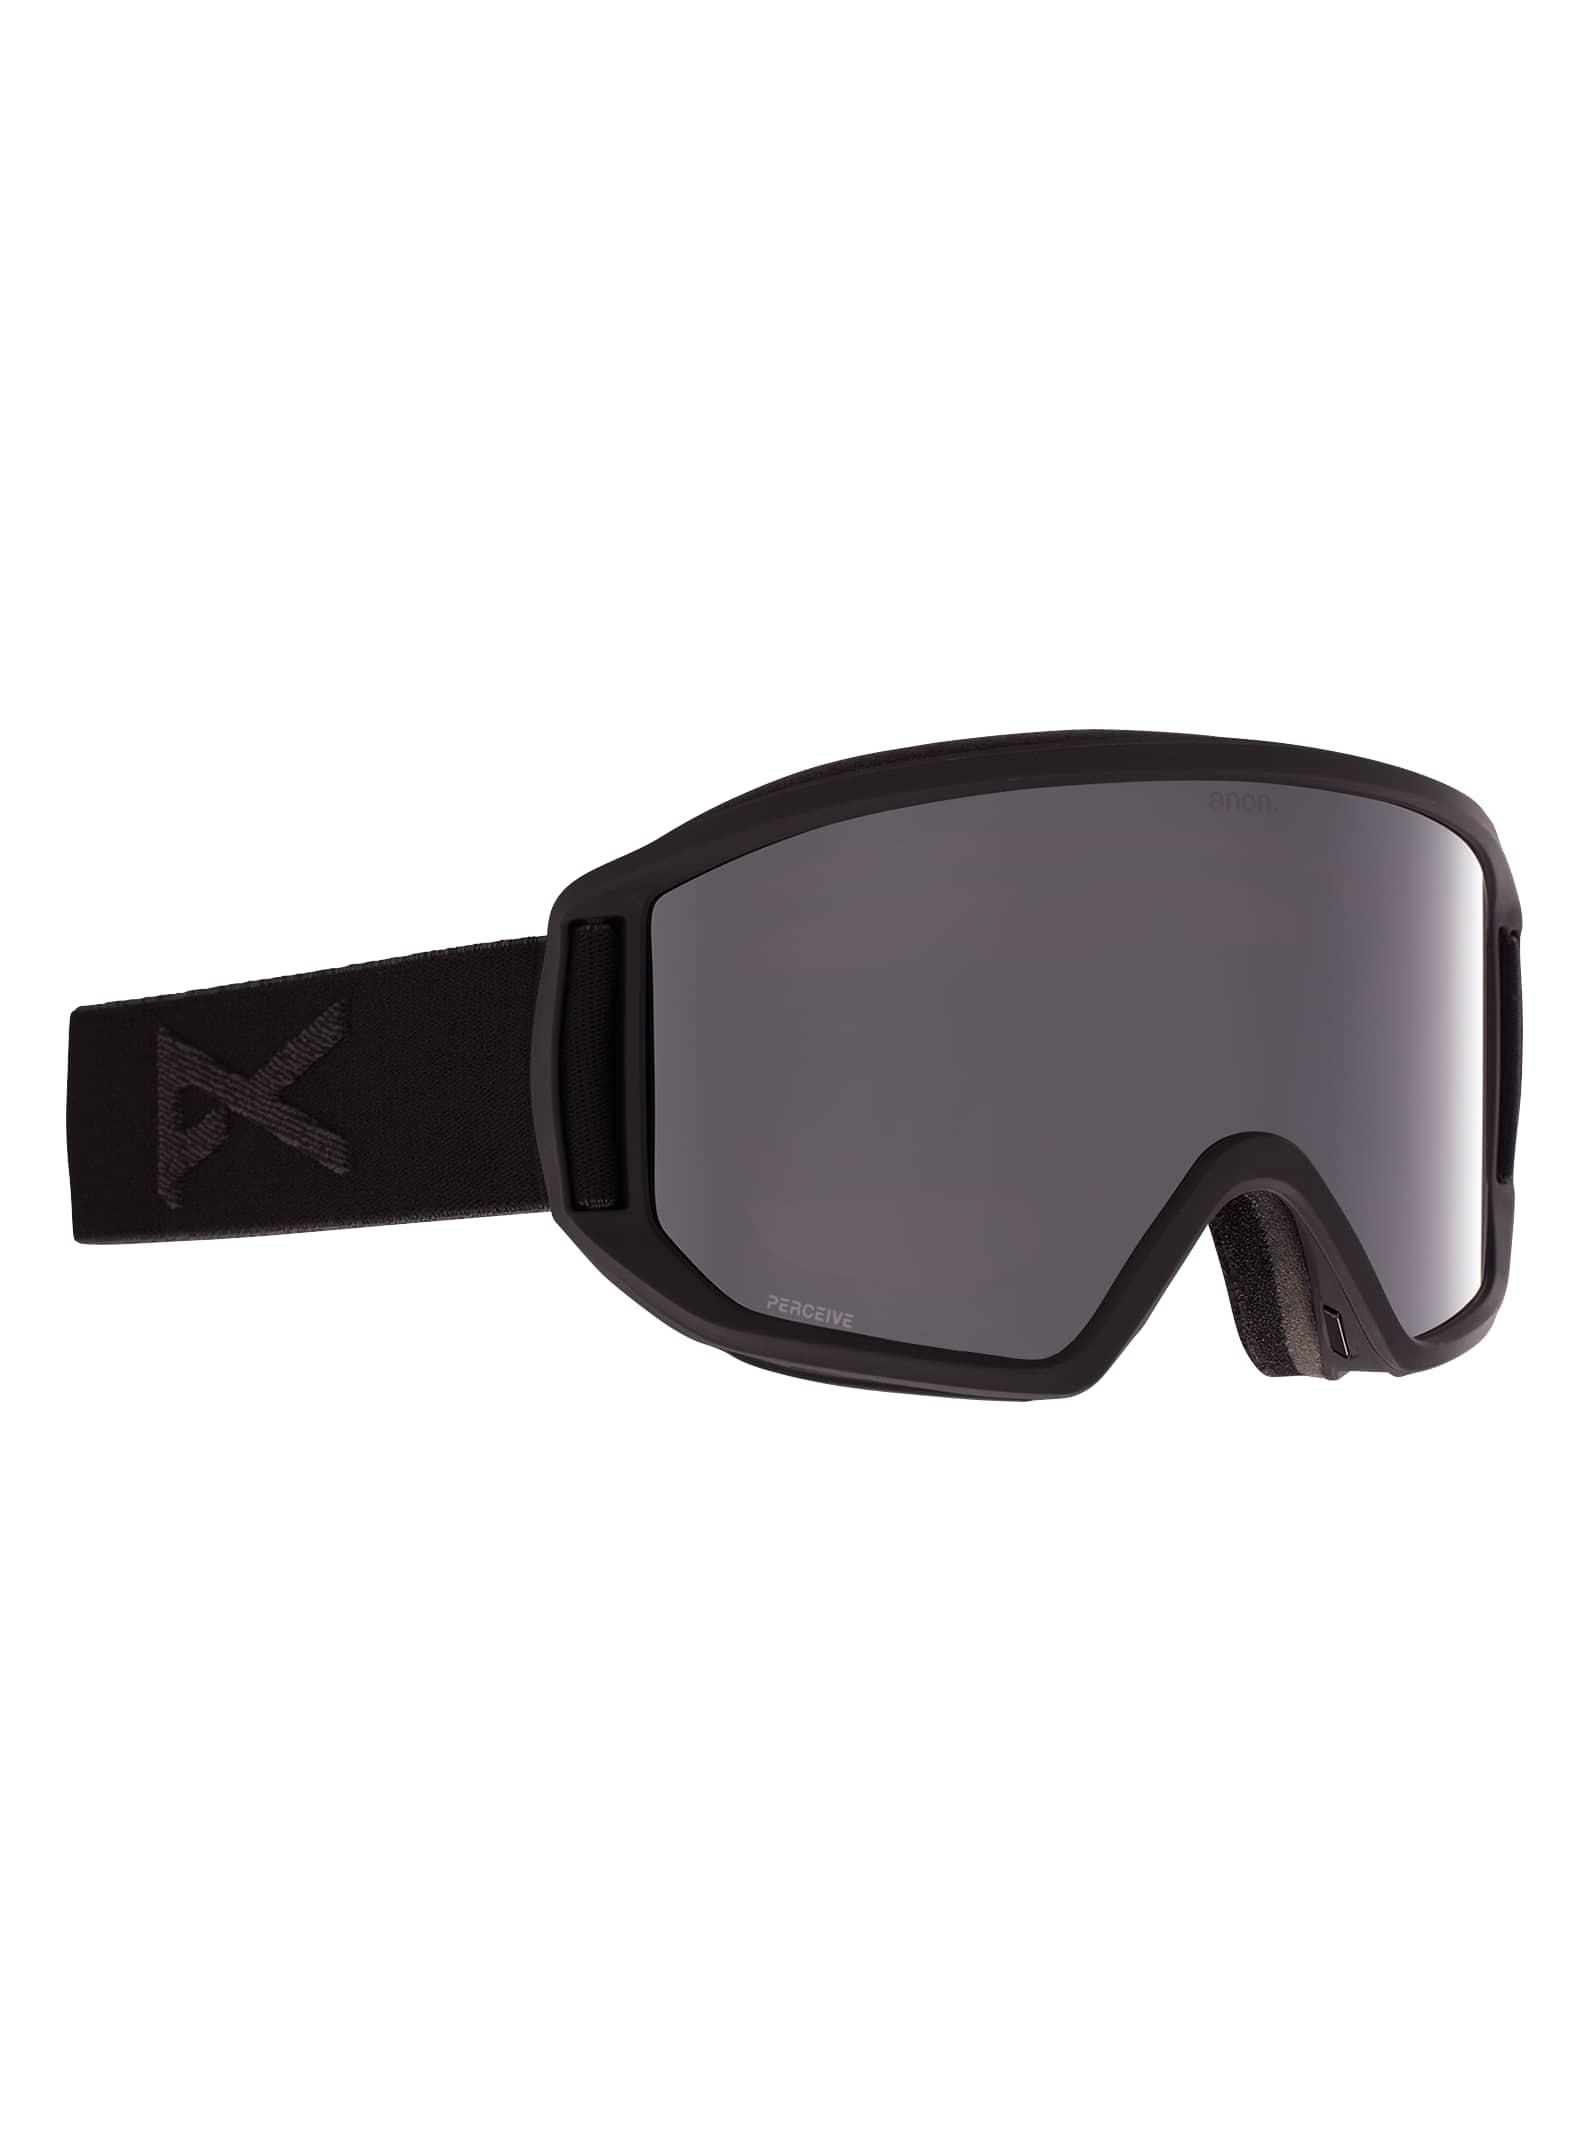 Anon Relapse Snapback skidglasögon + reservlins för herrar